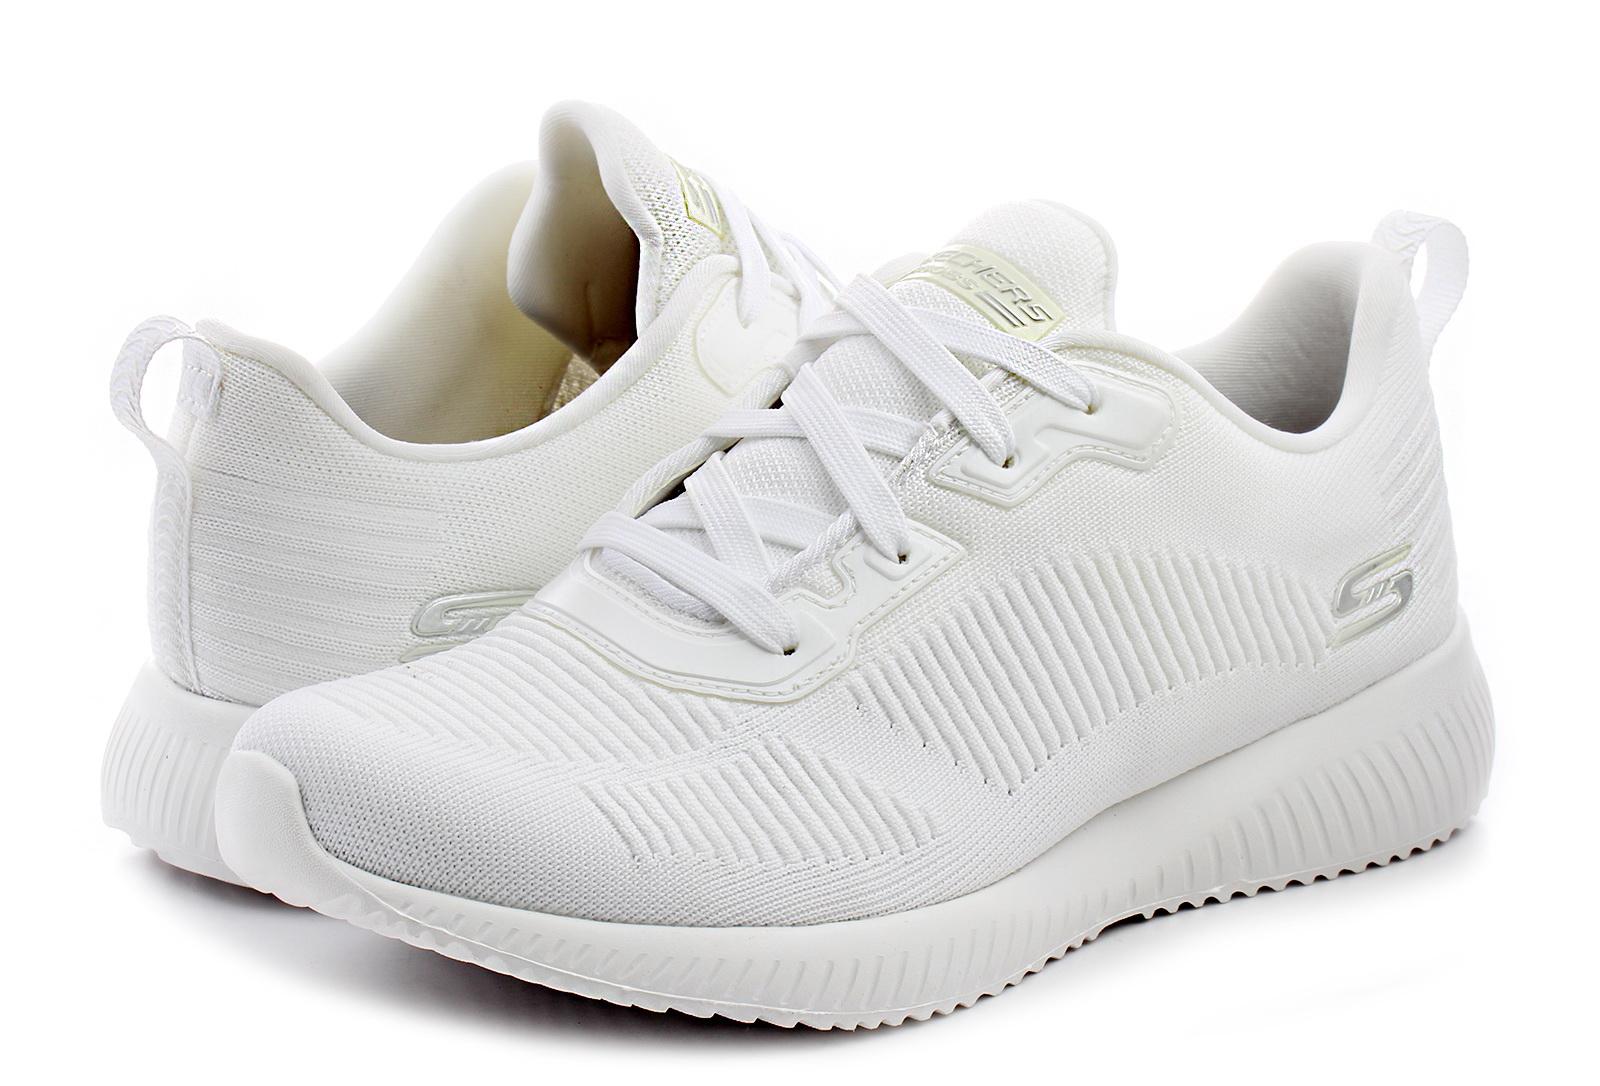 Białe buty męskie Skechers, kolekcja lato 2019